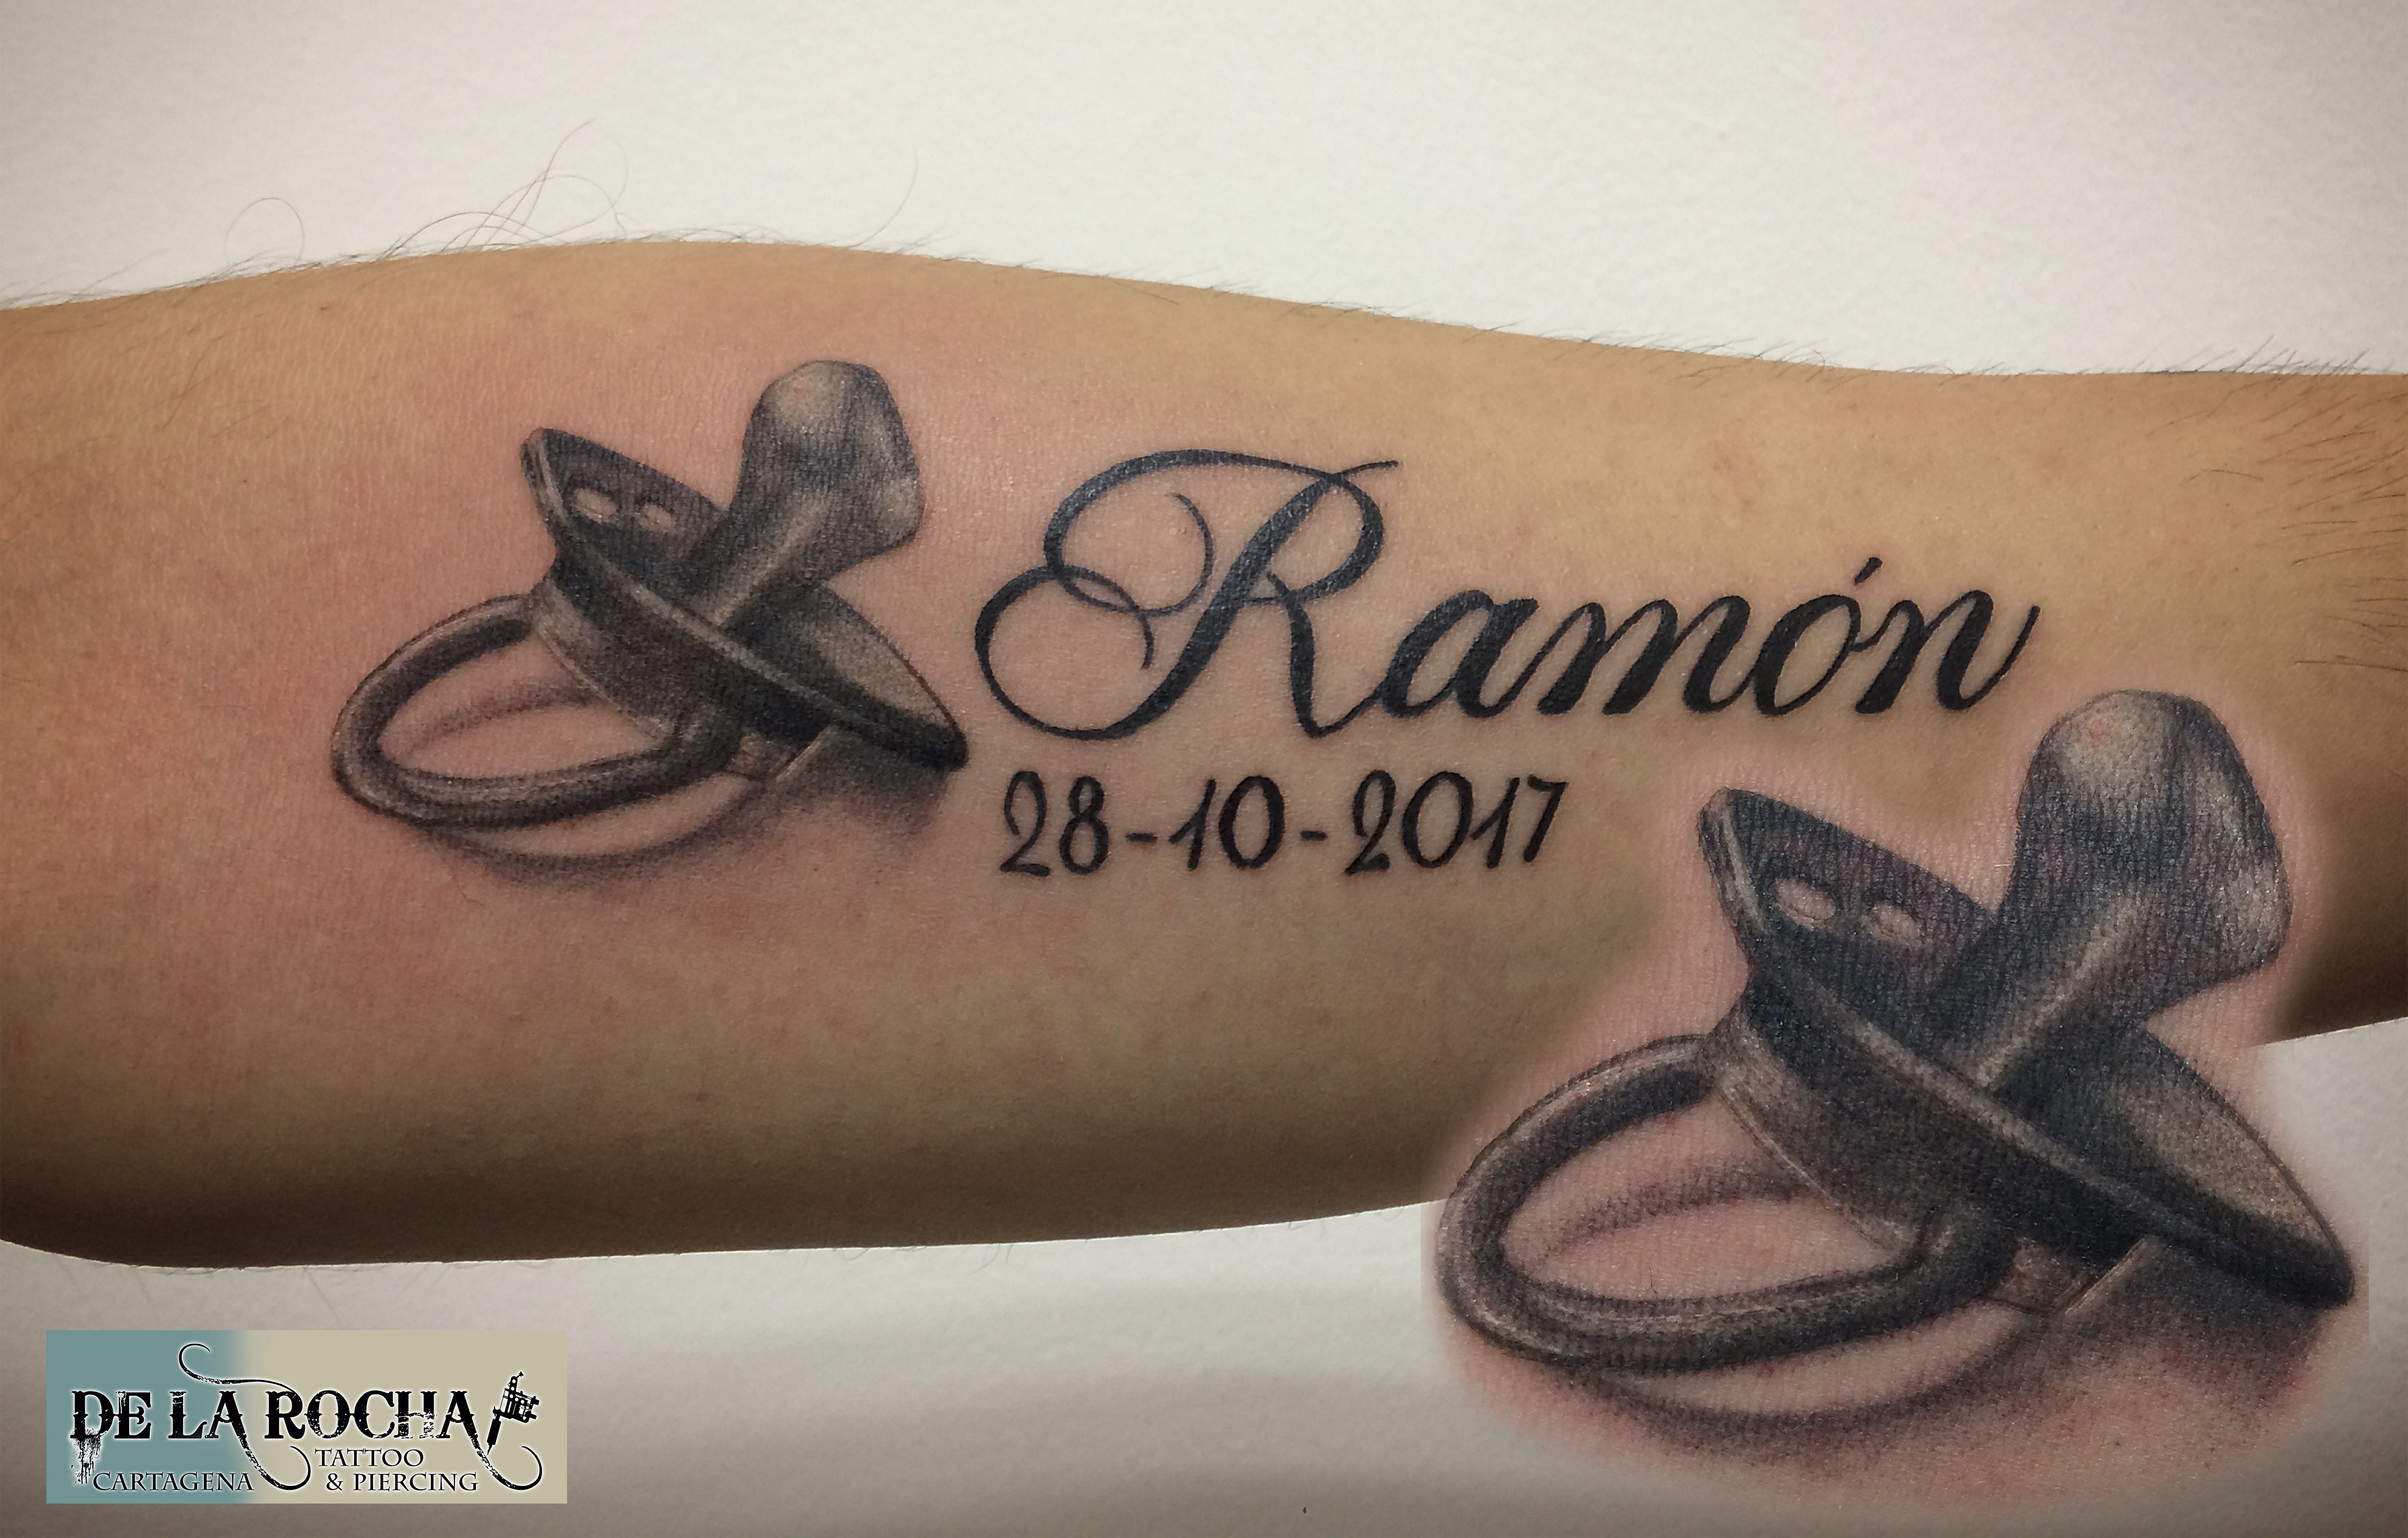 tatuaje chupeta realista trabajos tattoo pinterest tattoo. Black Bedroom Furniture Sets. Home Design Ideas